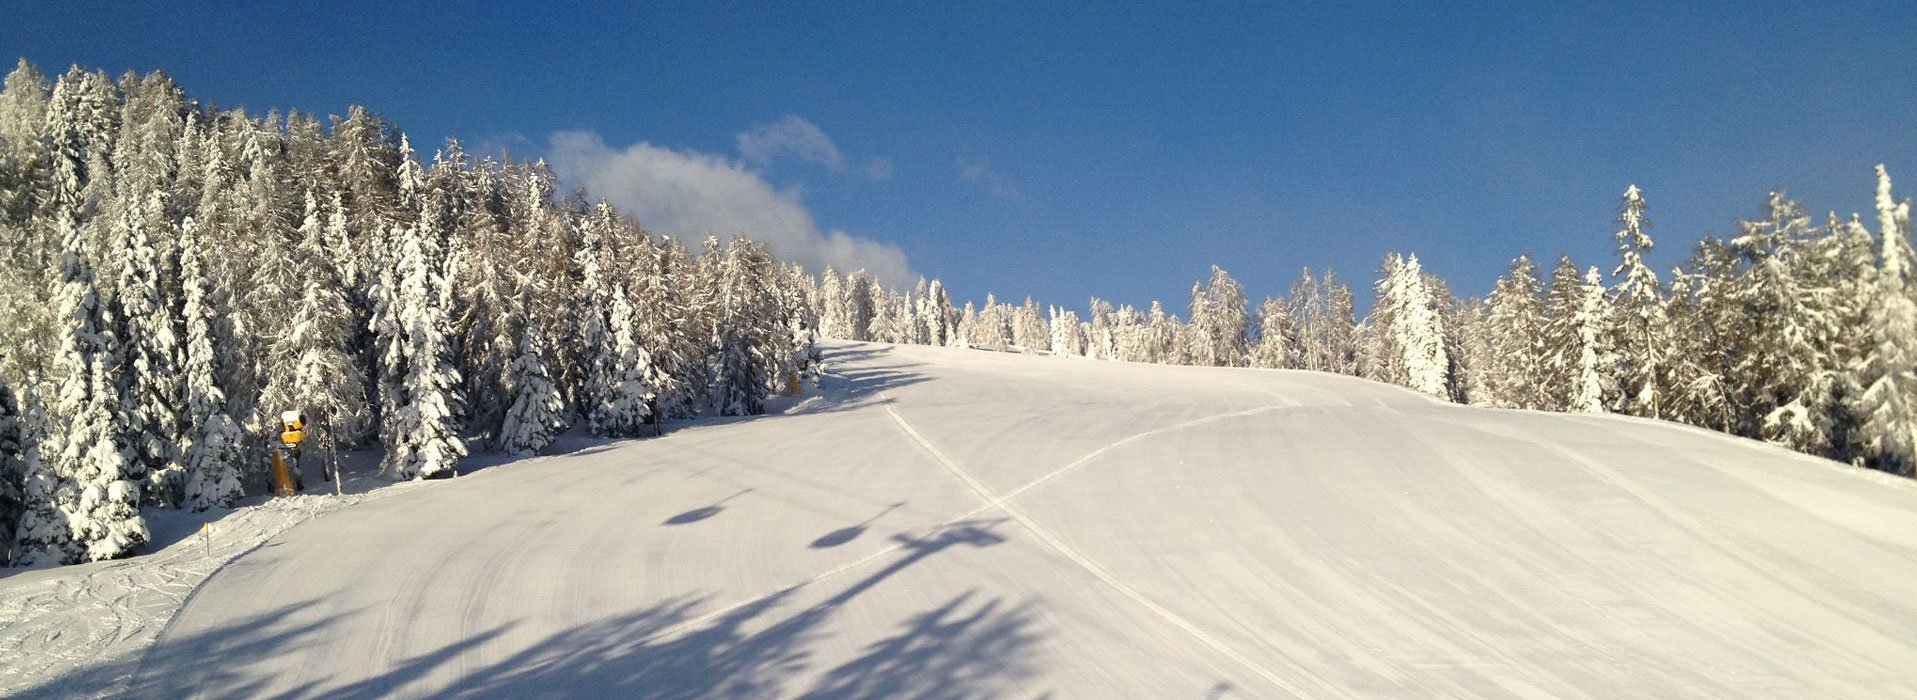 skiurlaub-kronplatz-05